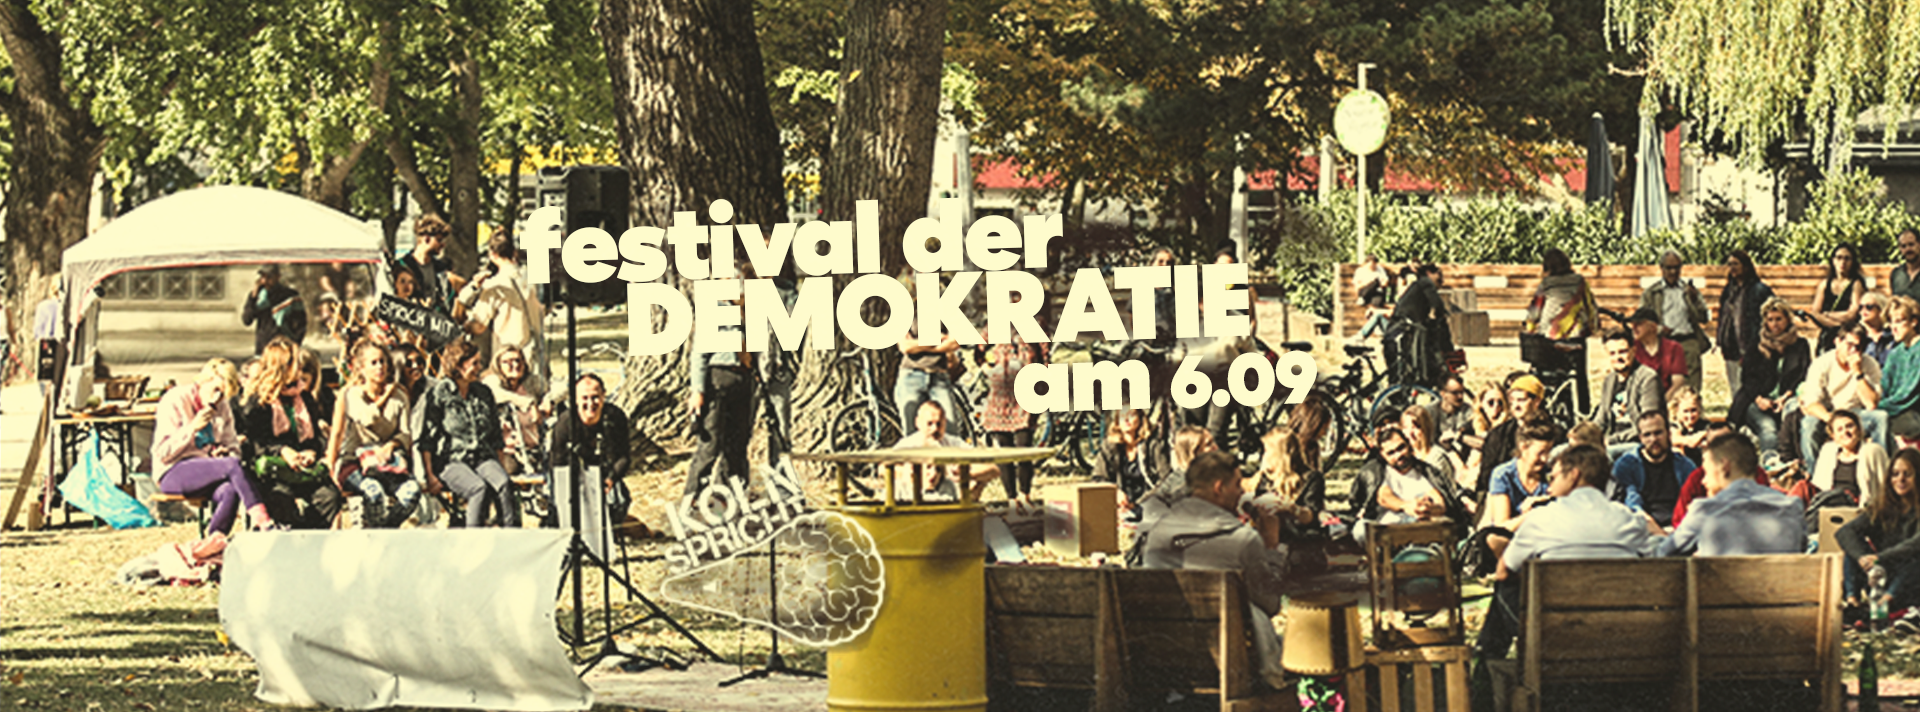 Das Festival der Demokratie am 06.09.2020 am Aachener Weiher